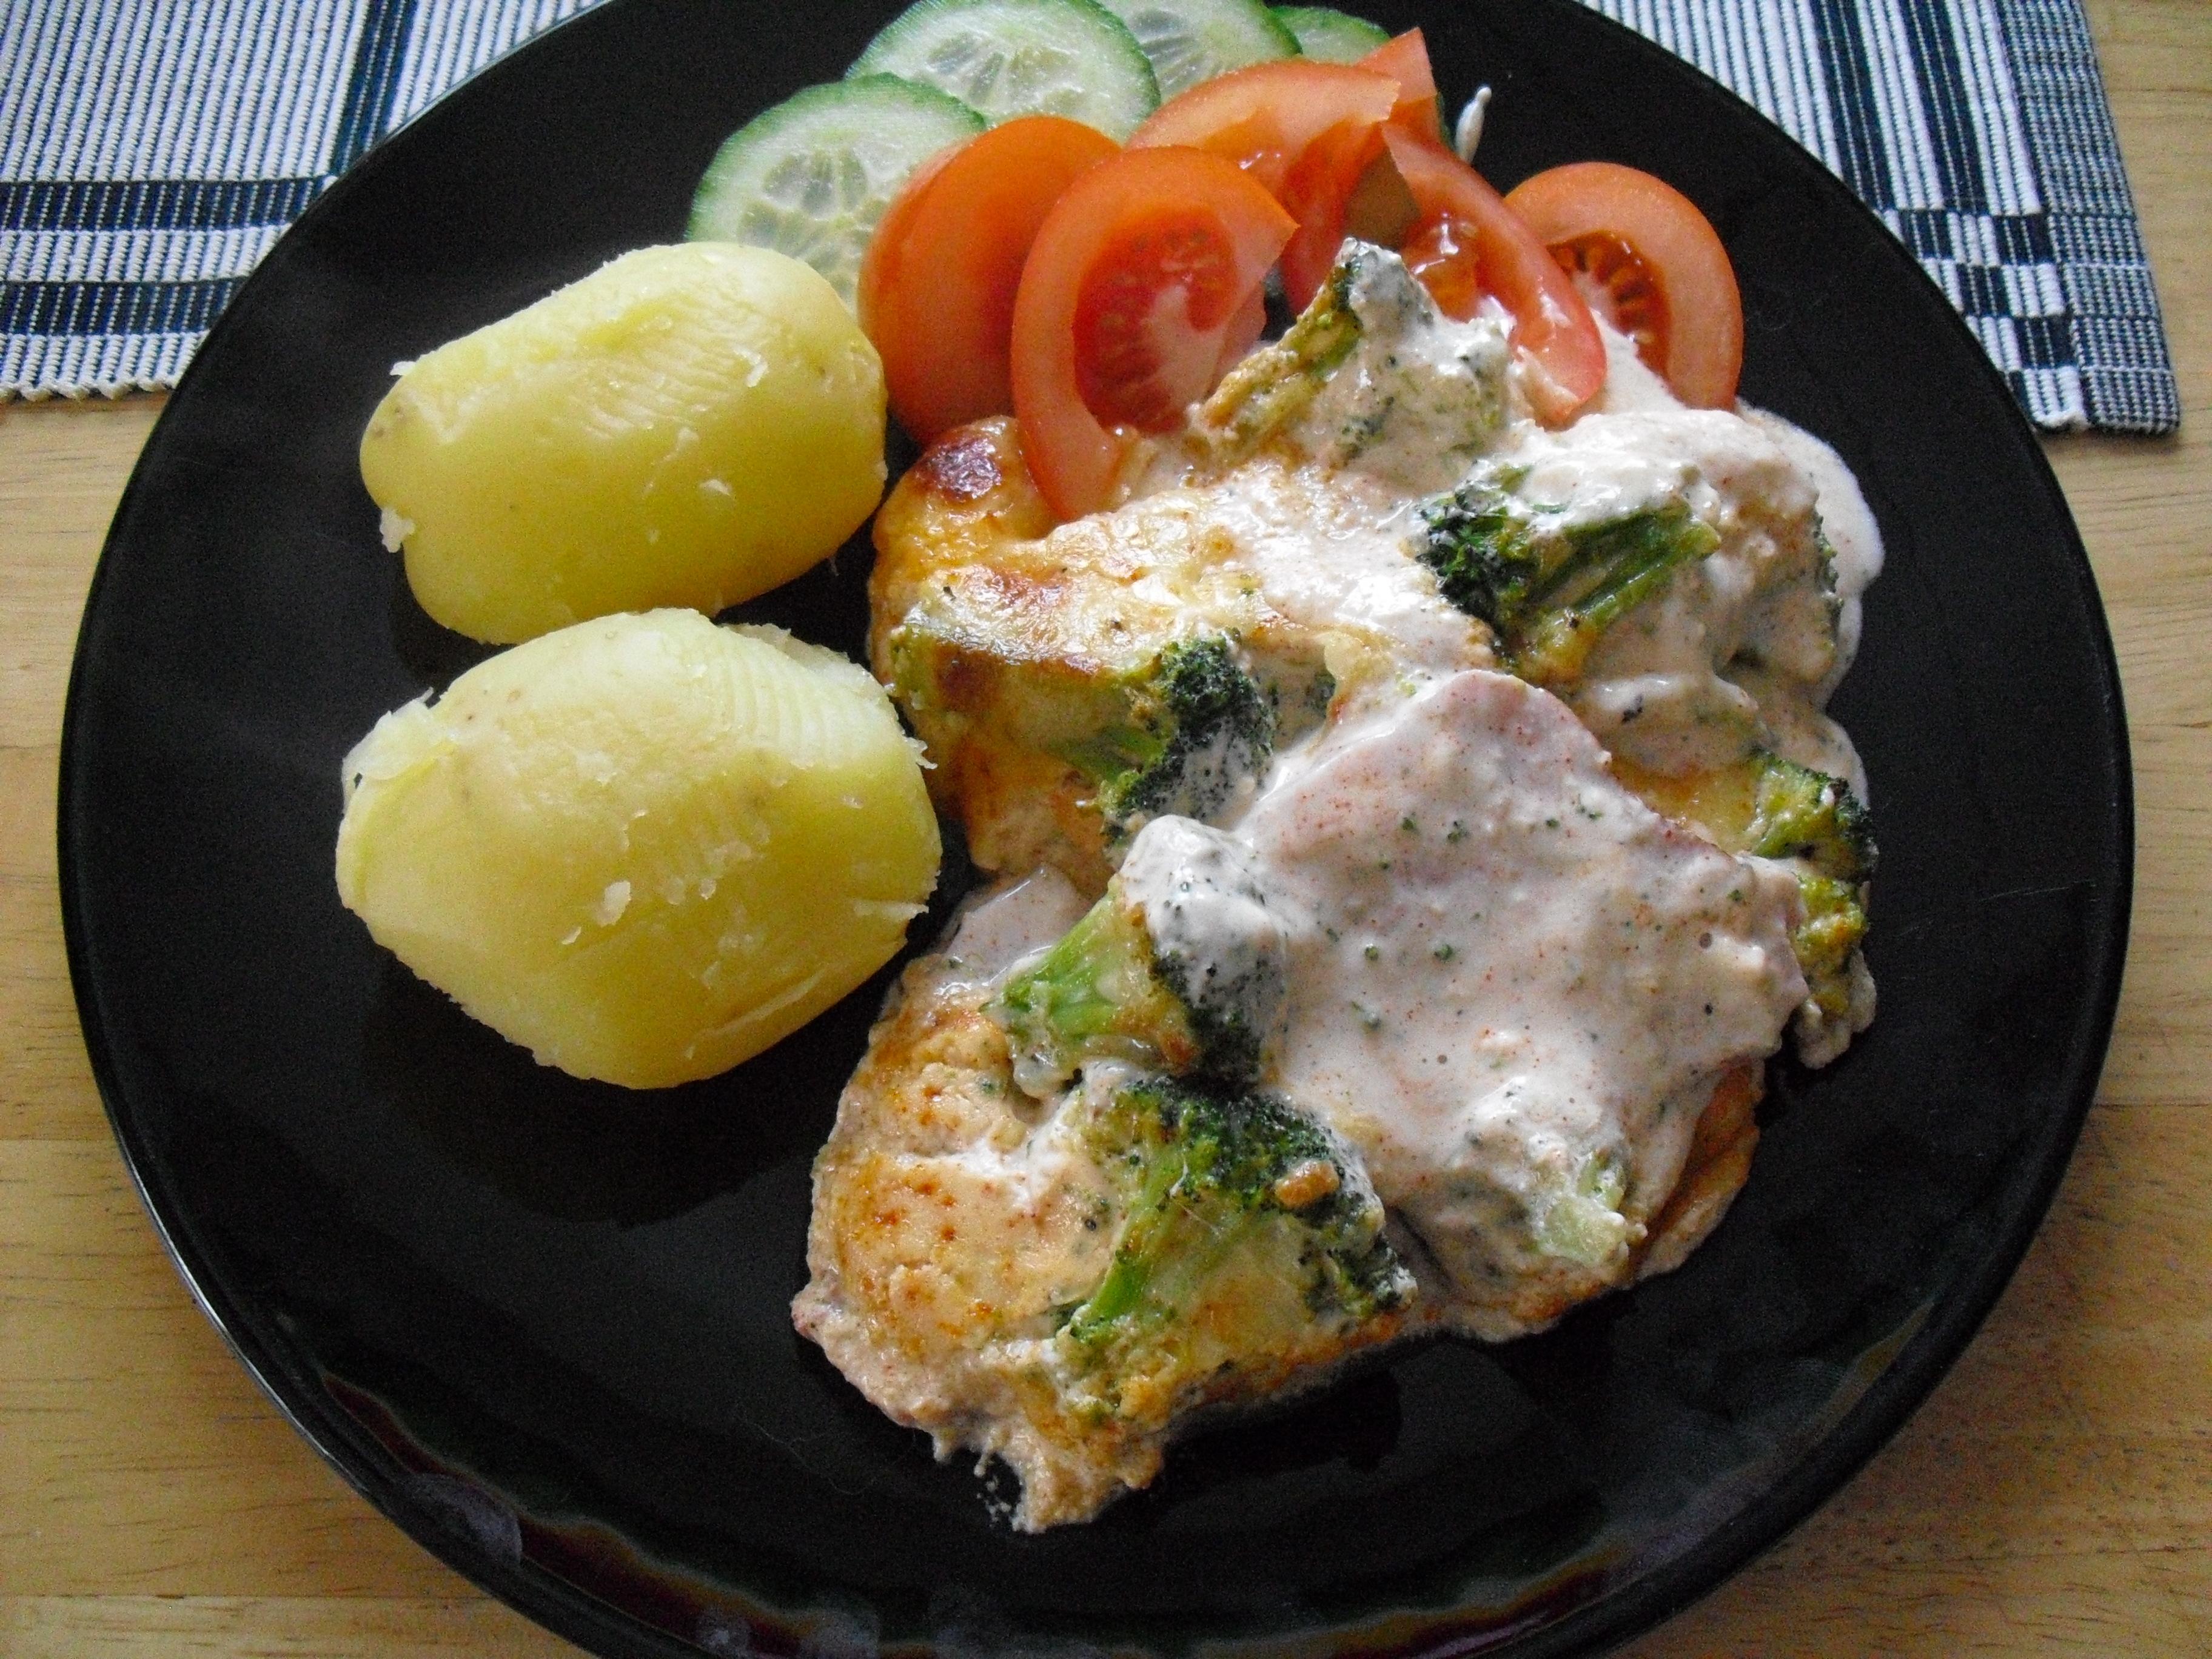 potatis och broccoligratäng